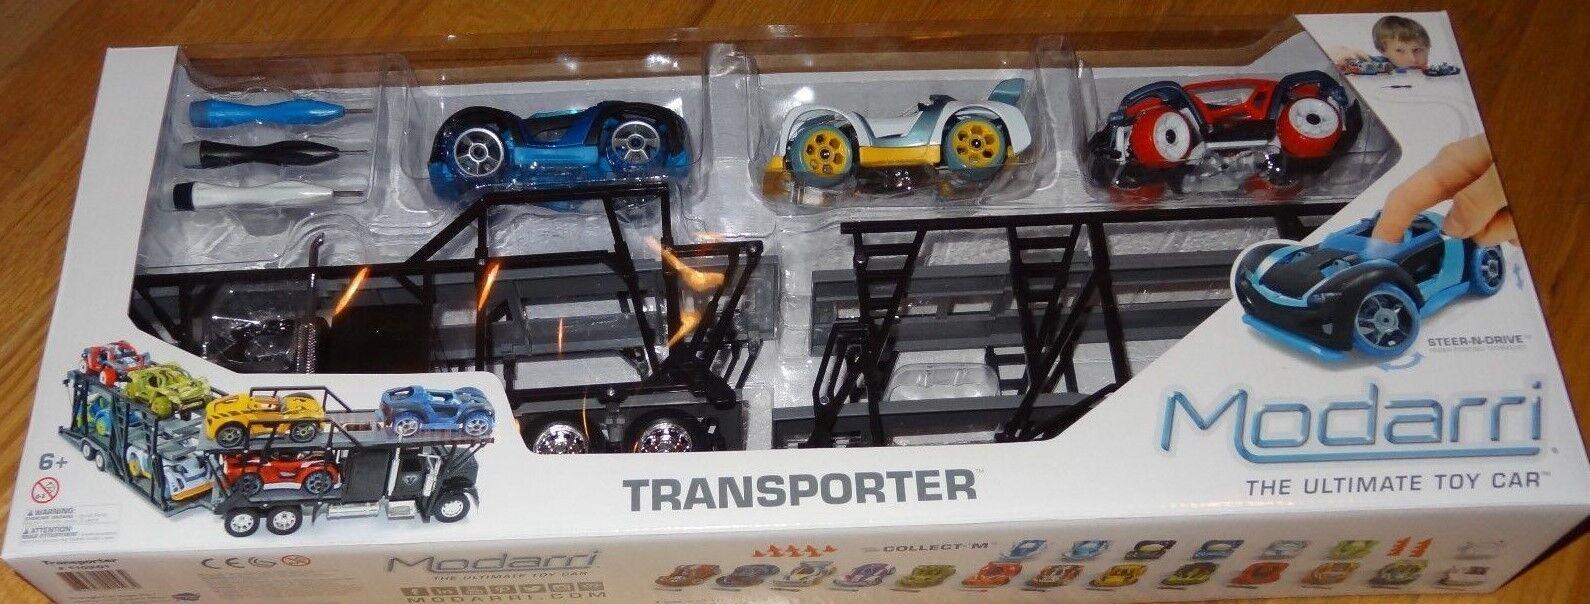 Transporteur modarri Voiture Transporteur avec 3 voitures de conception, construction, Drive Finger Powerouge